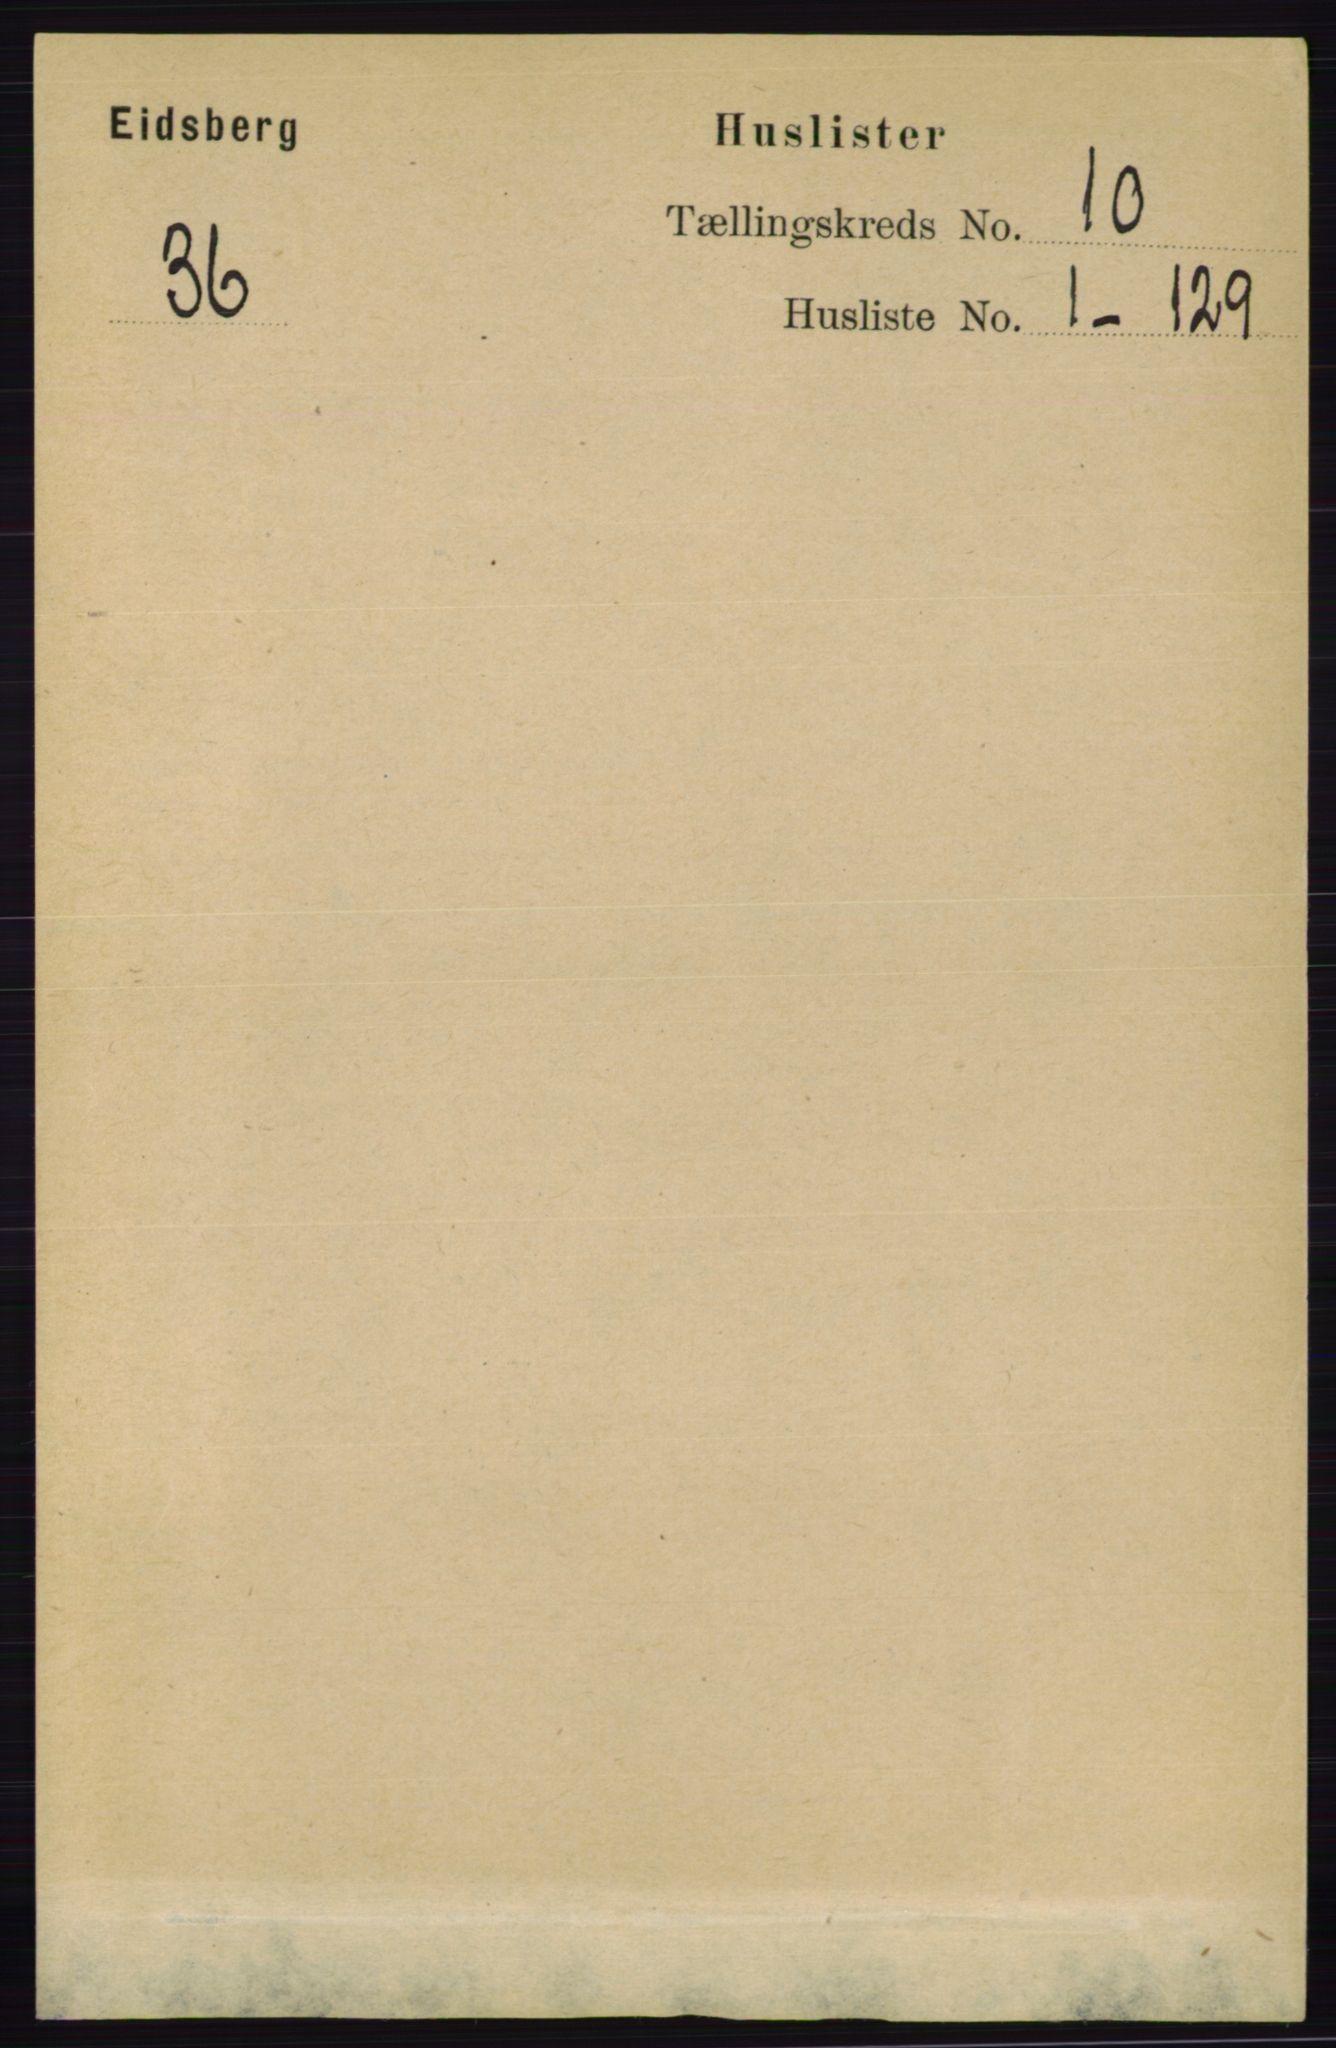 RA, Folketelling 1891 for 0125 Eidsberg herred, 1891, s. 5535